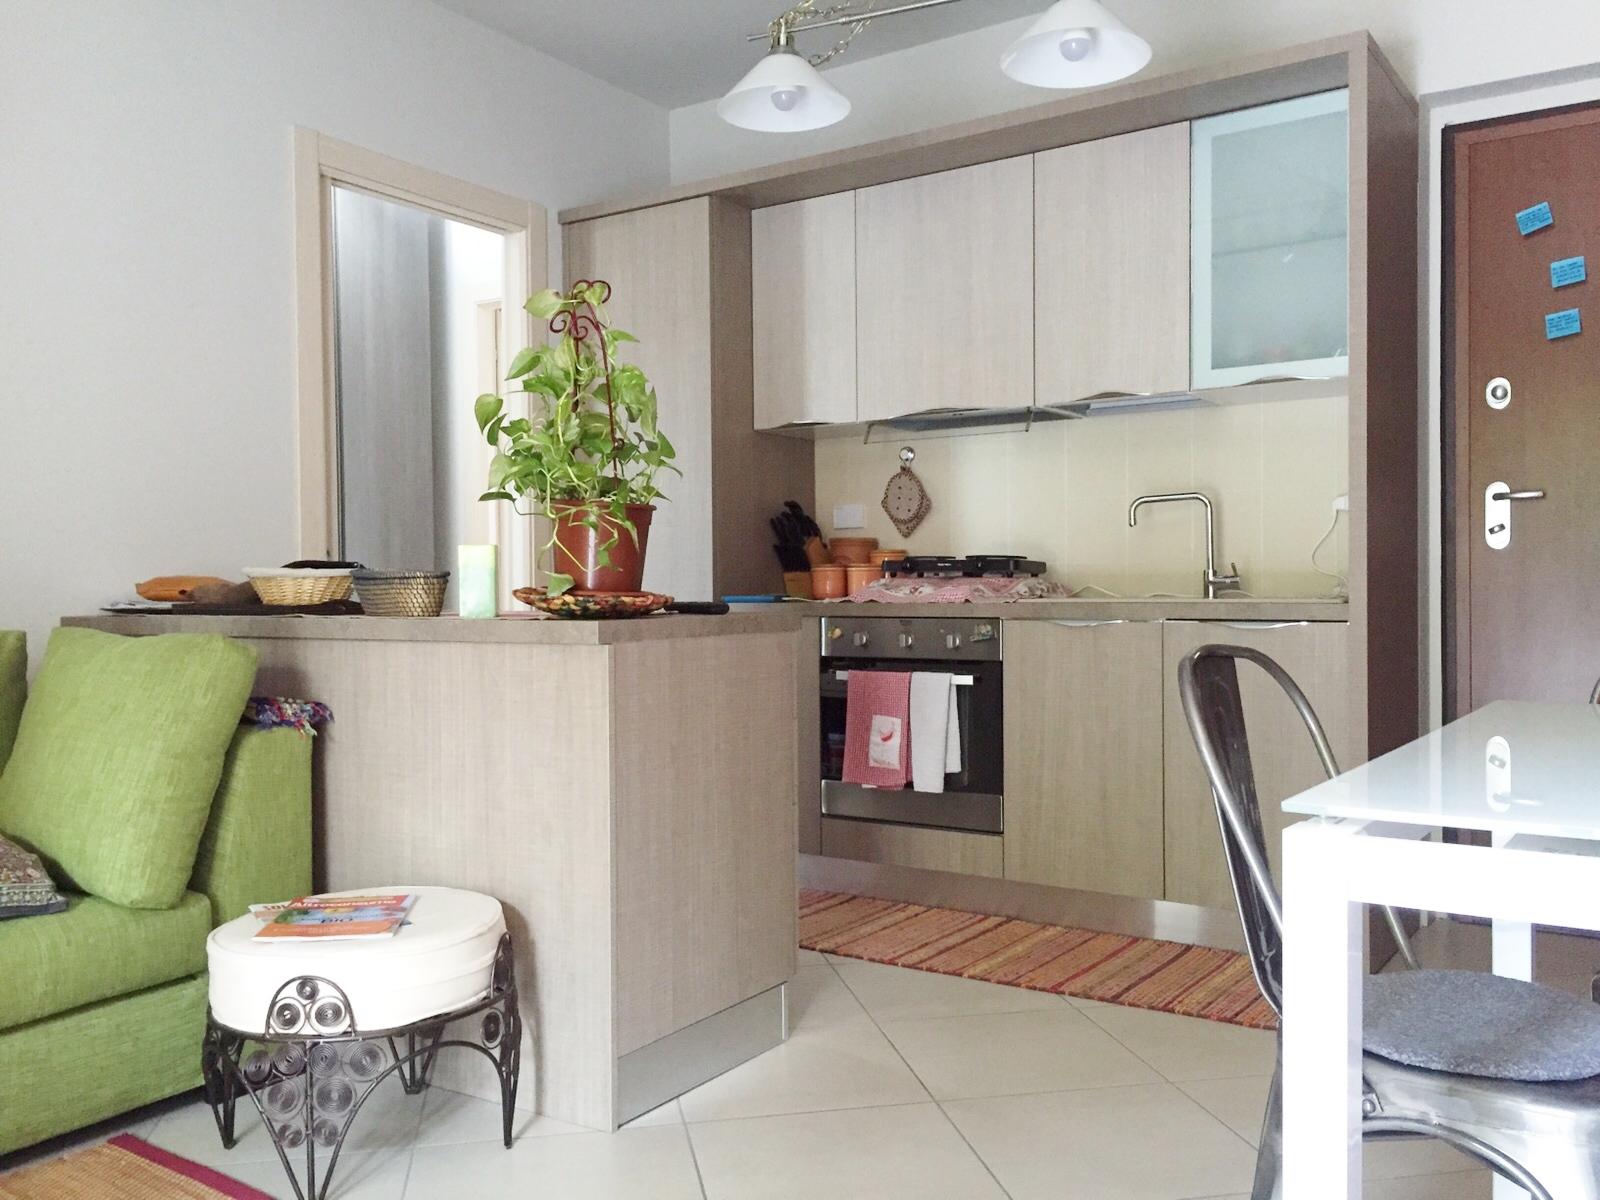 Progettare un open space che comprende cucina e soggiorno ha i suoi vantaggi vediamoli. 3 Soluzioni Intelligenti Per Arredare In 45 Mq Zeta Concept